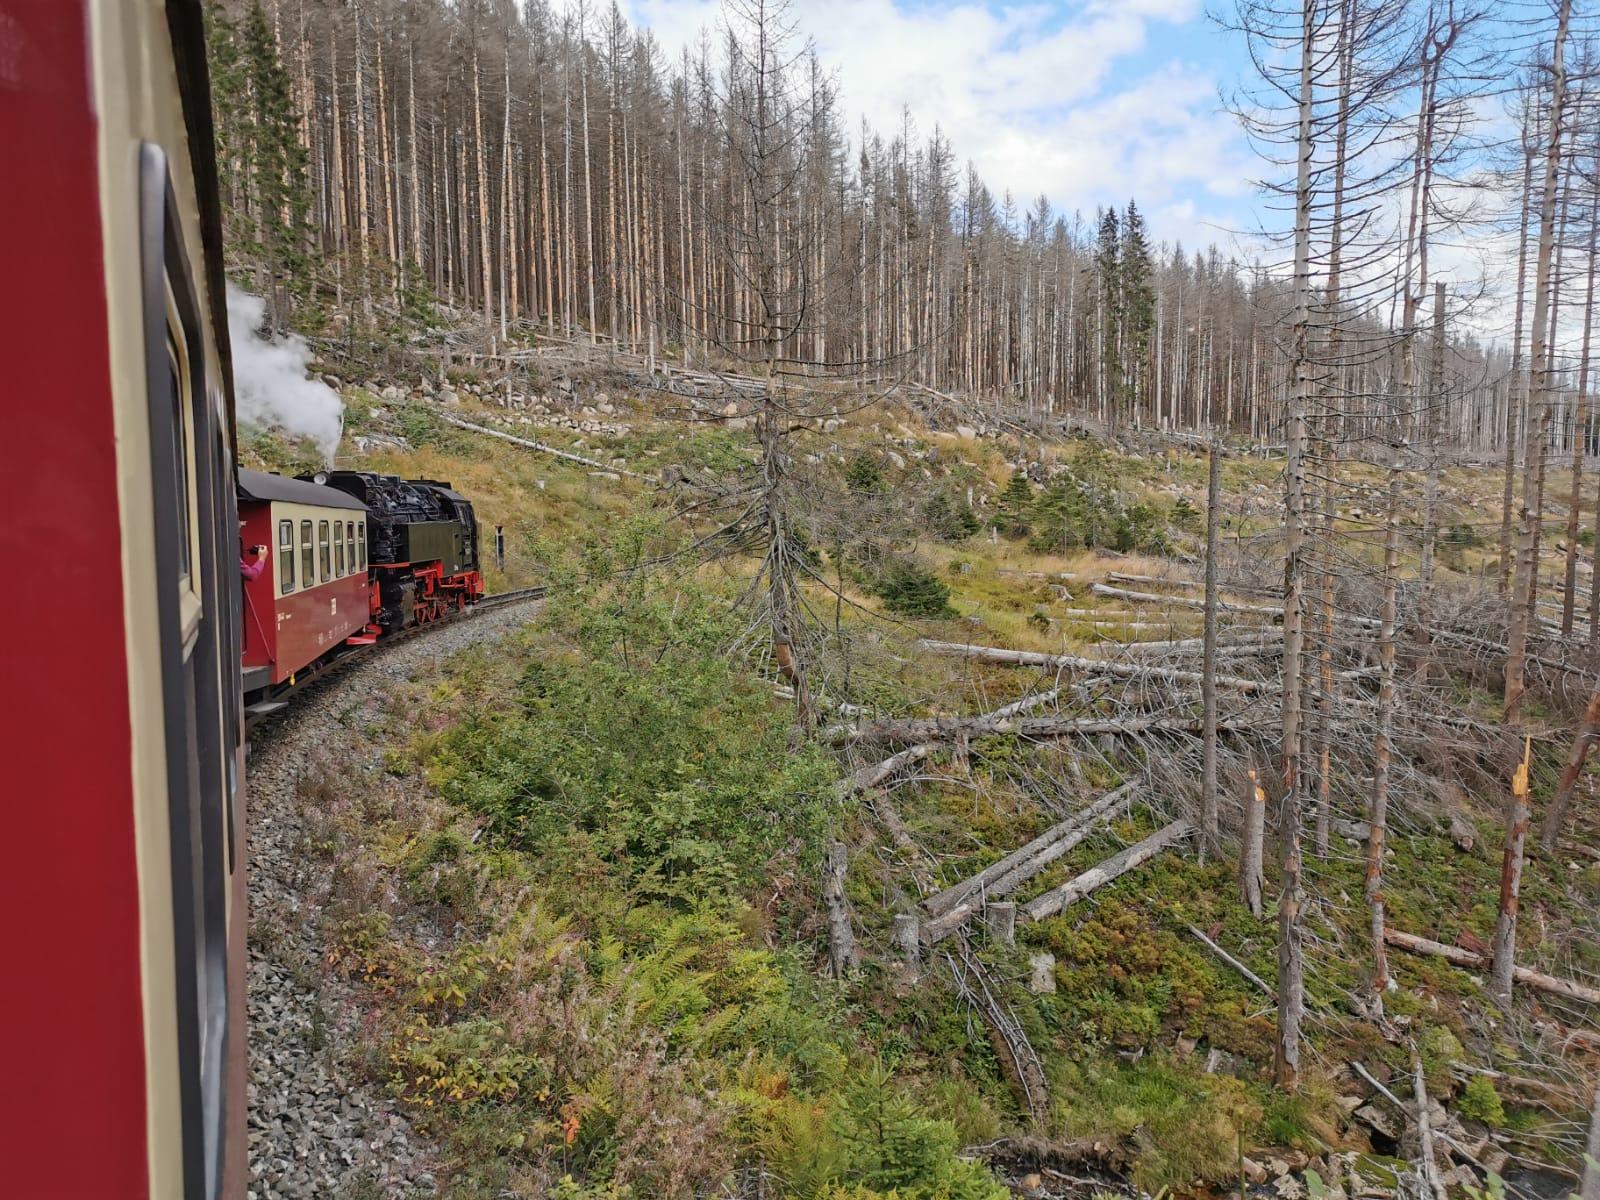 Harzer Schmalspurbahn vom Brocken nach Schierke